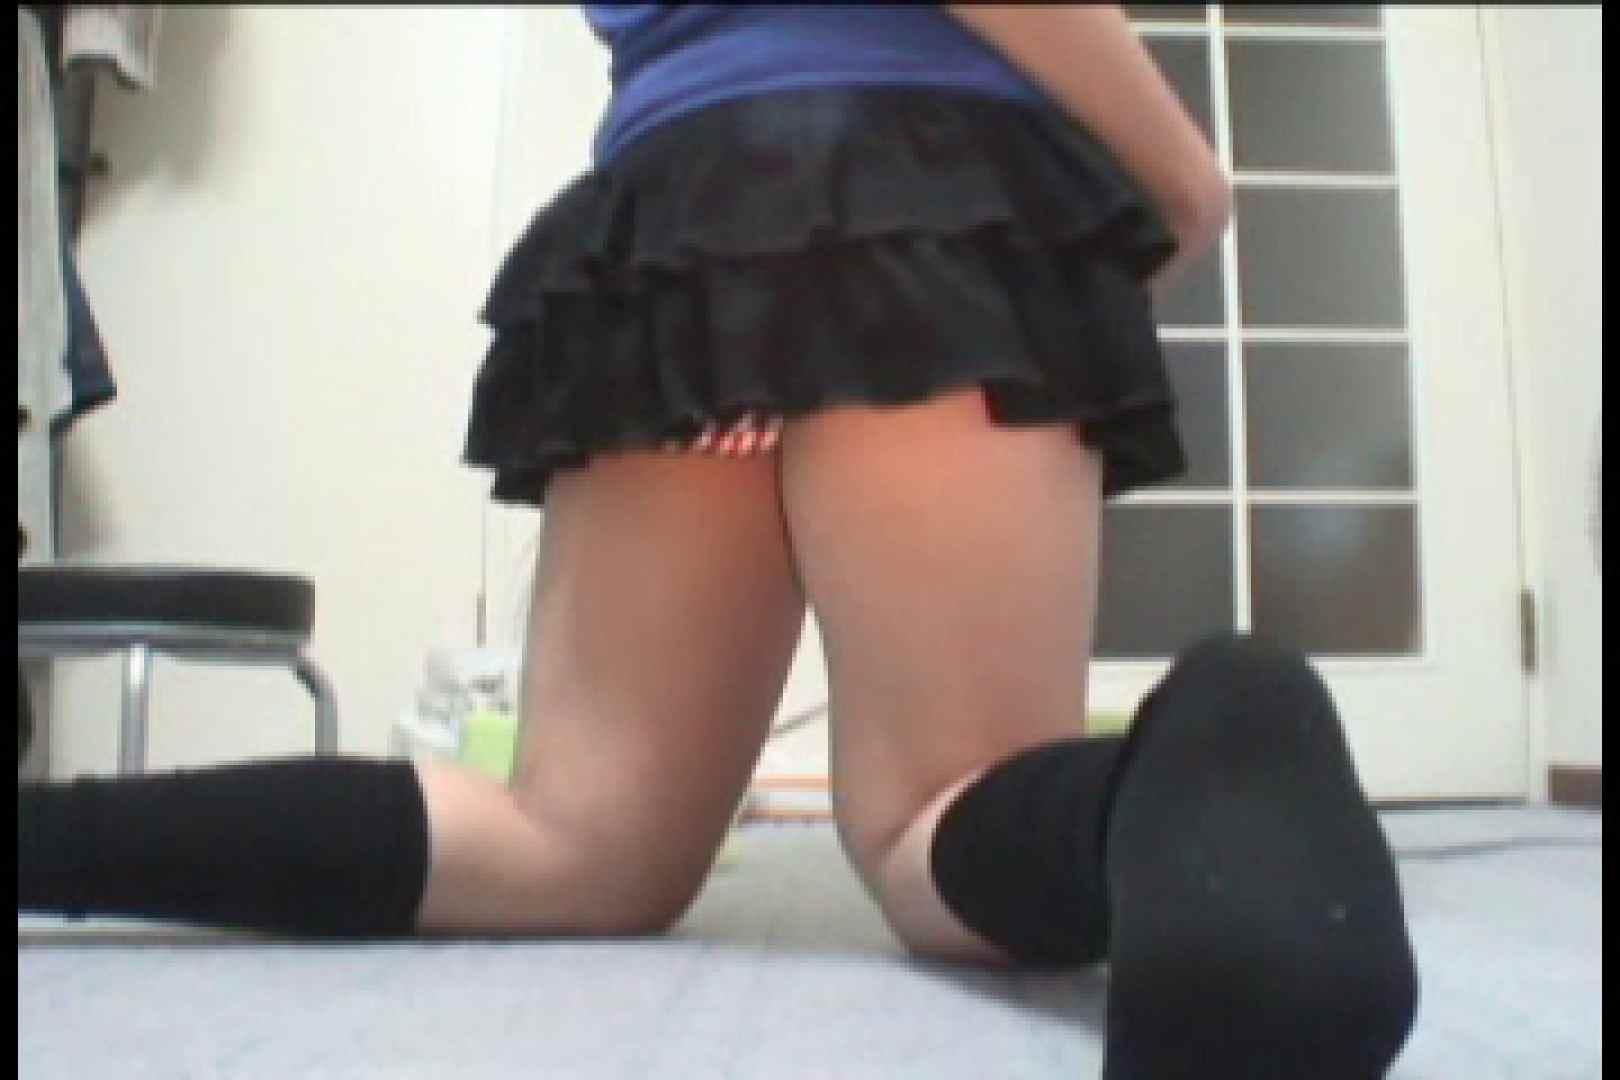 パンツ売りの女の子 けいちゃんvol.1 ぽっちゃり  87pic 42